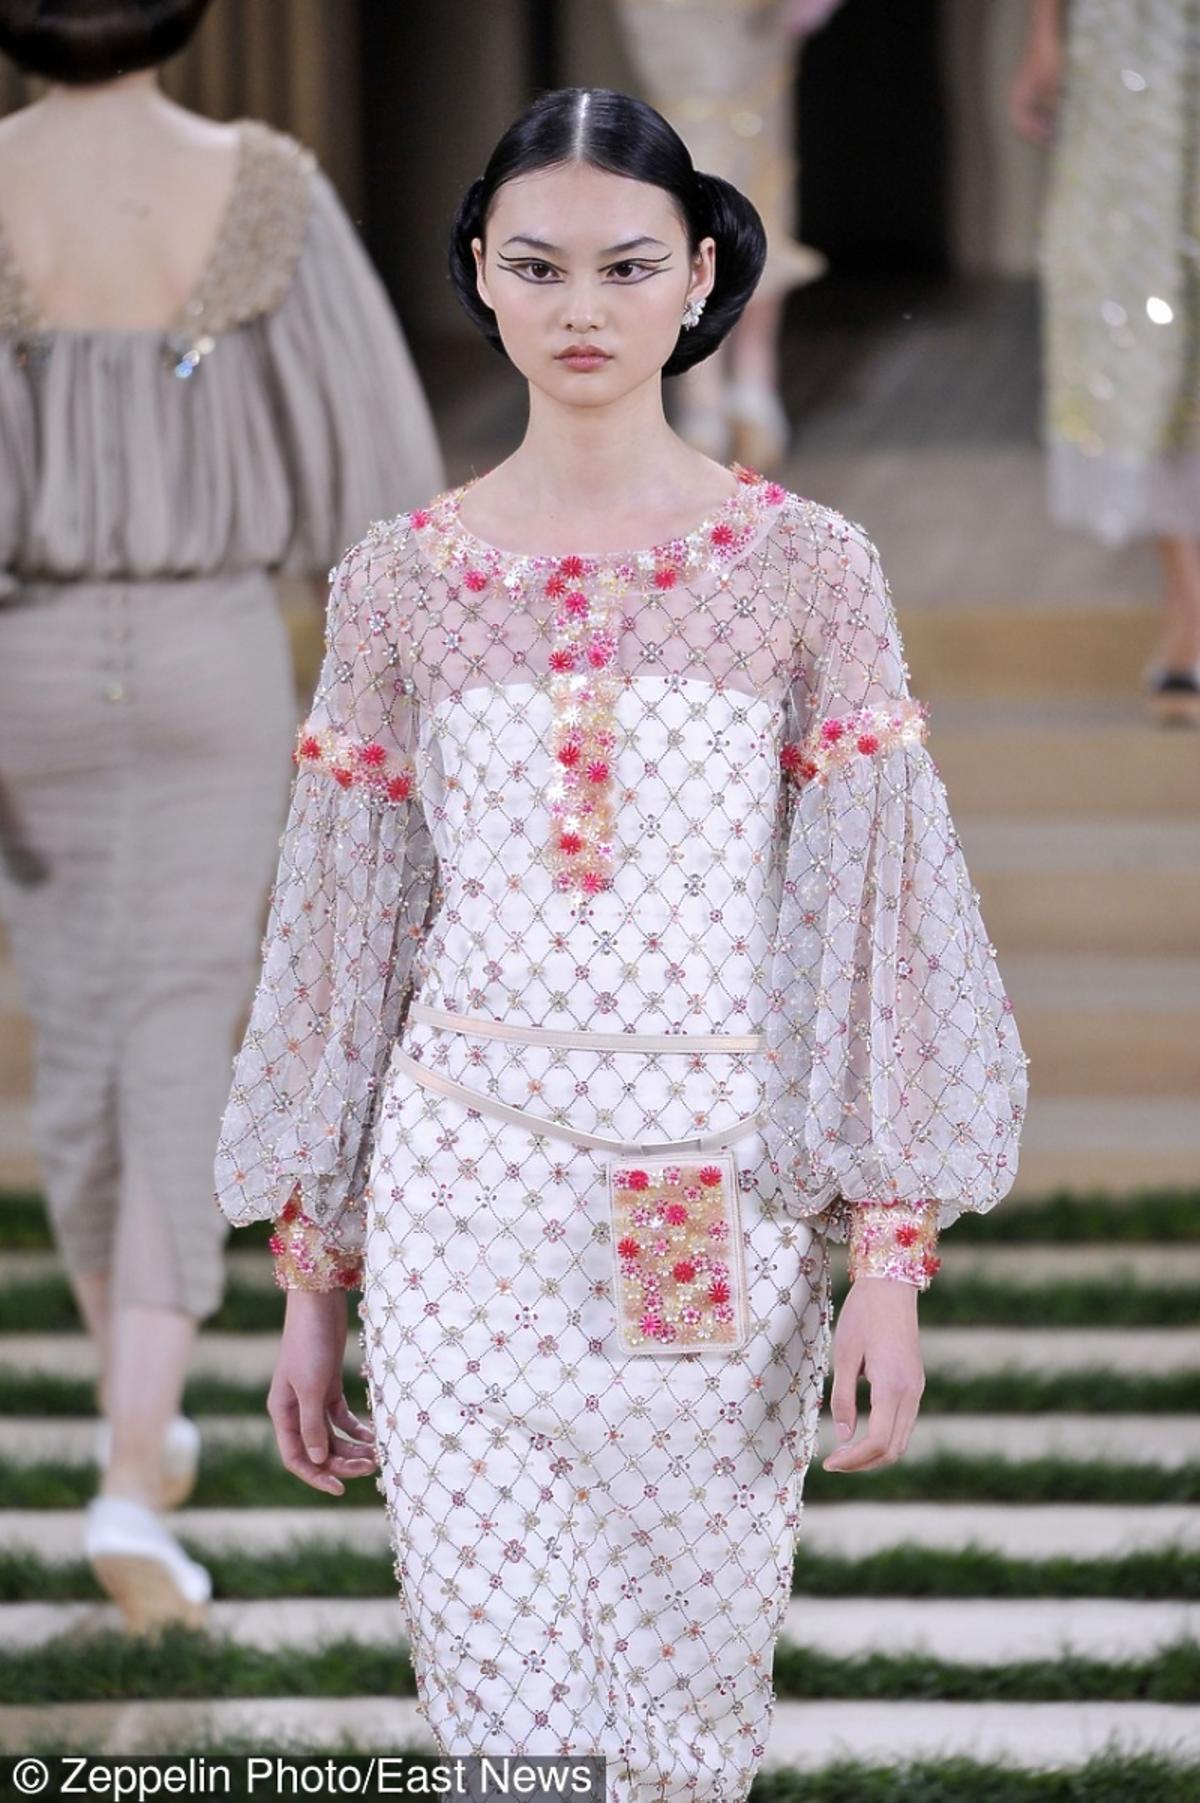 Modelka  w bufiastymi rękawami z torebką na pasku